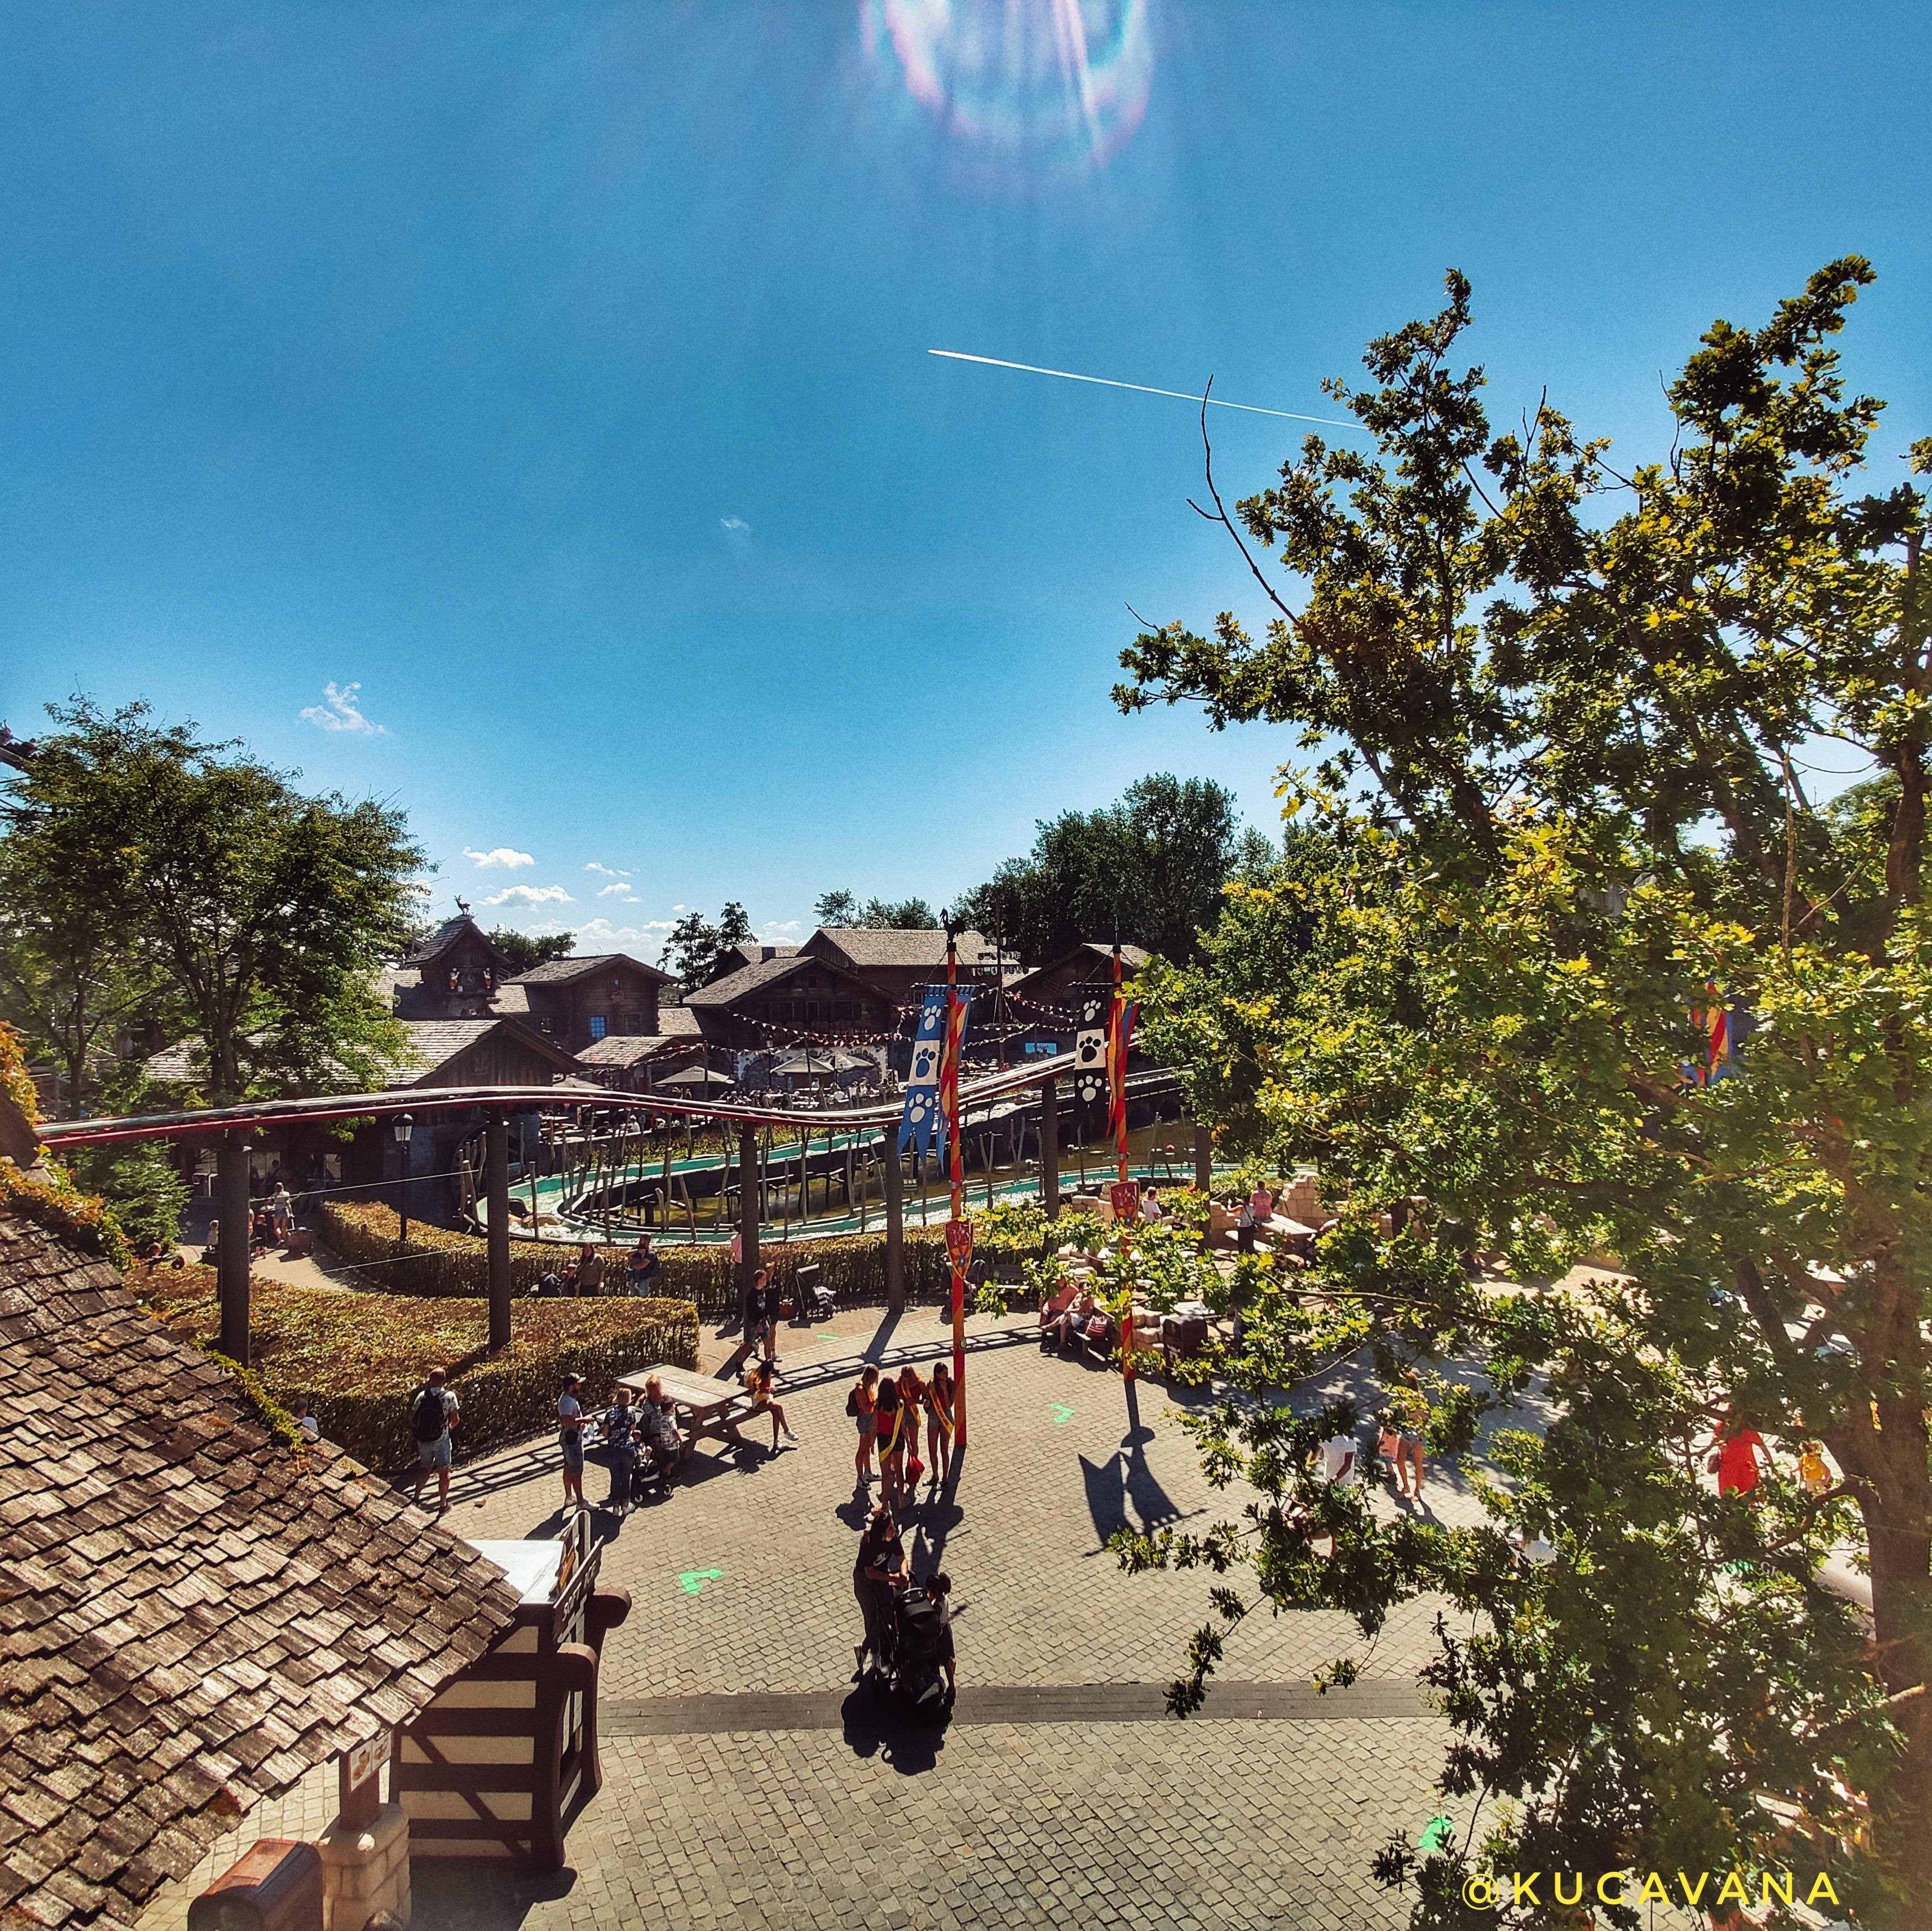 meilleur parc d'attractions de Belgique